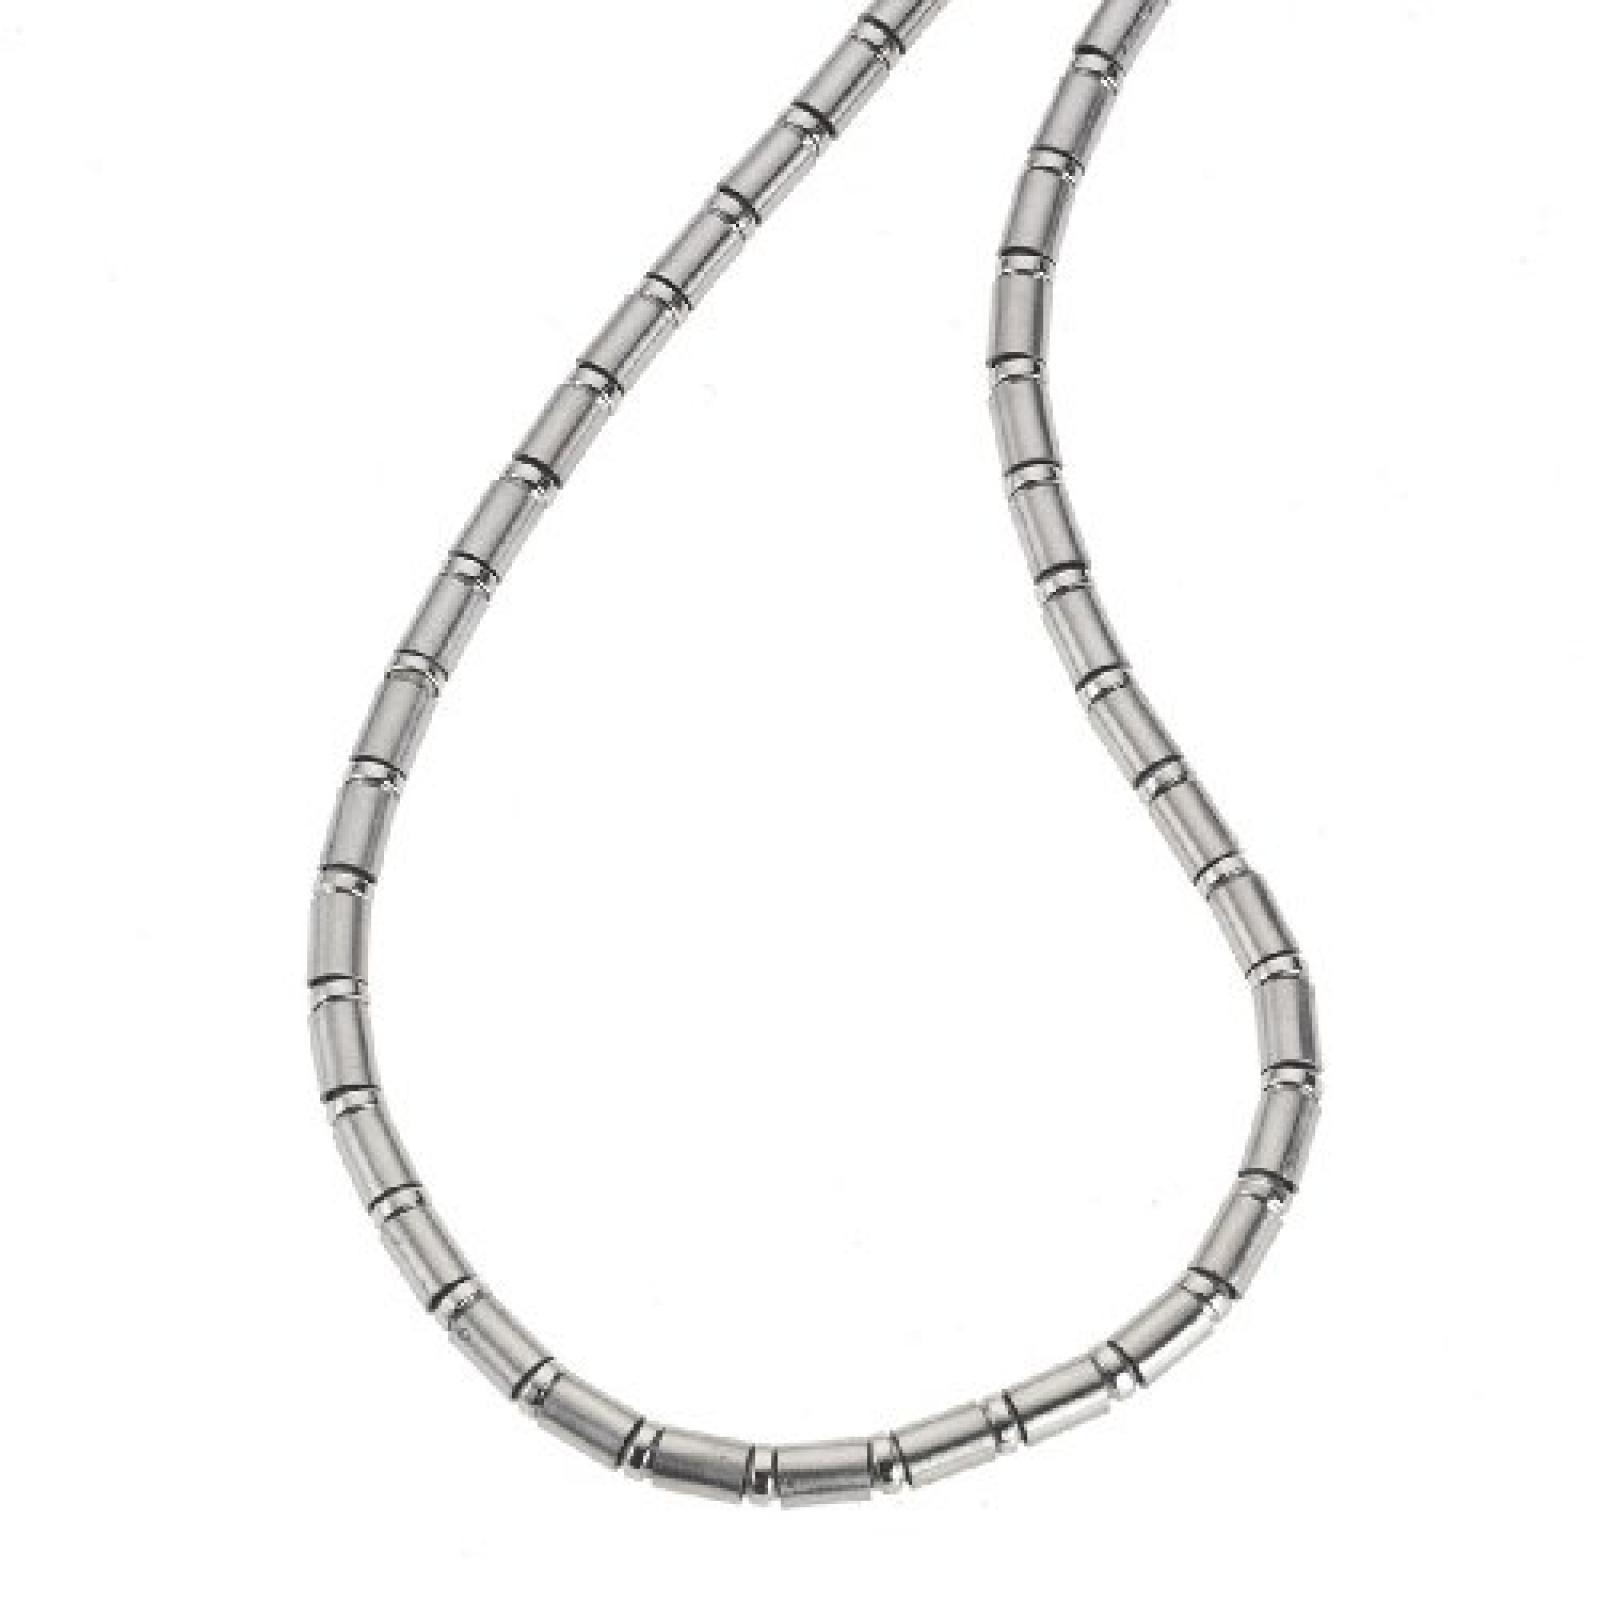 ZEEme Stainless Steel Collier 5mm stark aus Edelstahl und 50cm lang 385050011-50